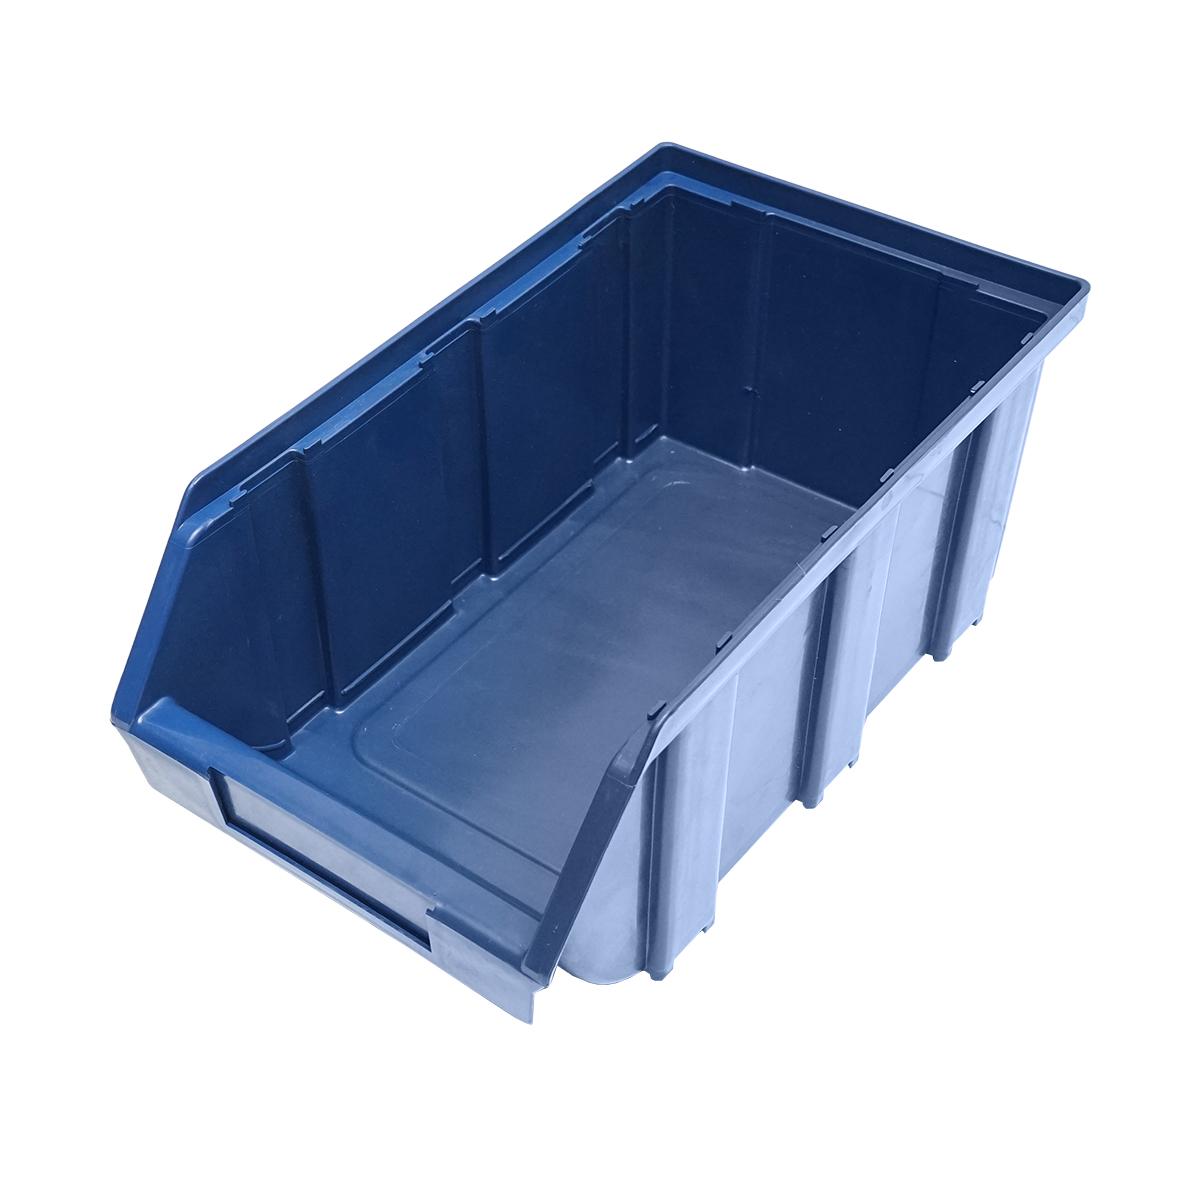 Cutie plastic depozitare 155x274x125mm albastra